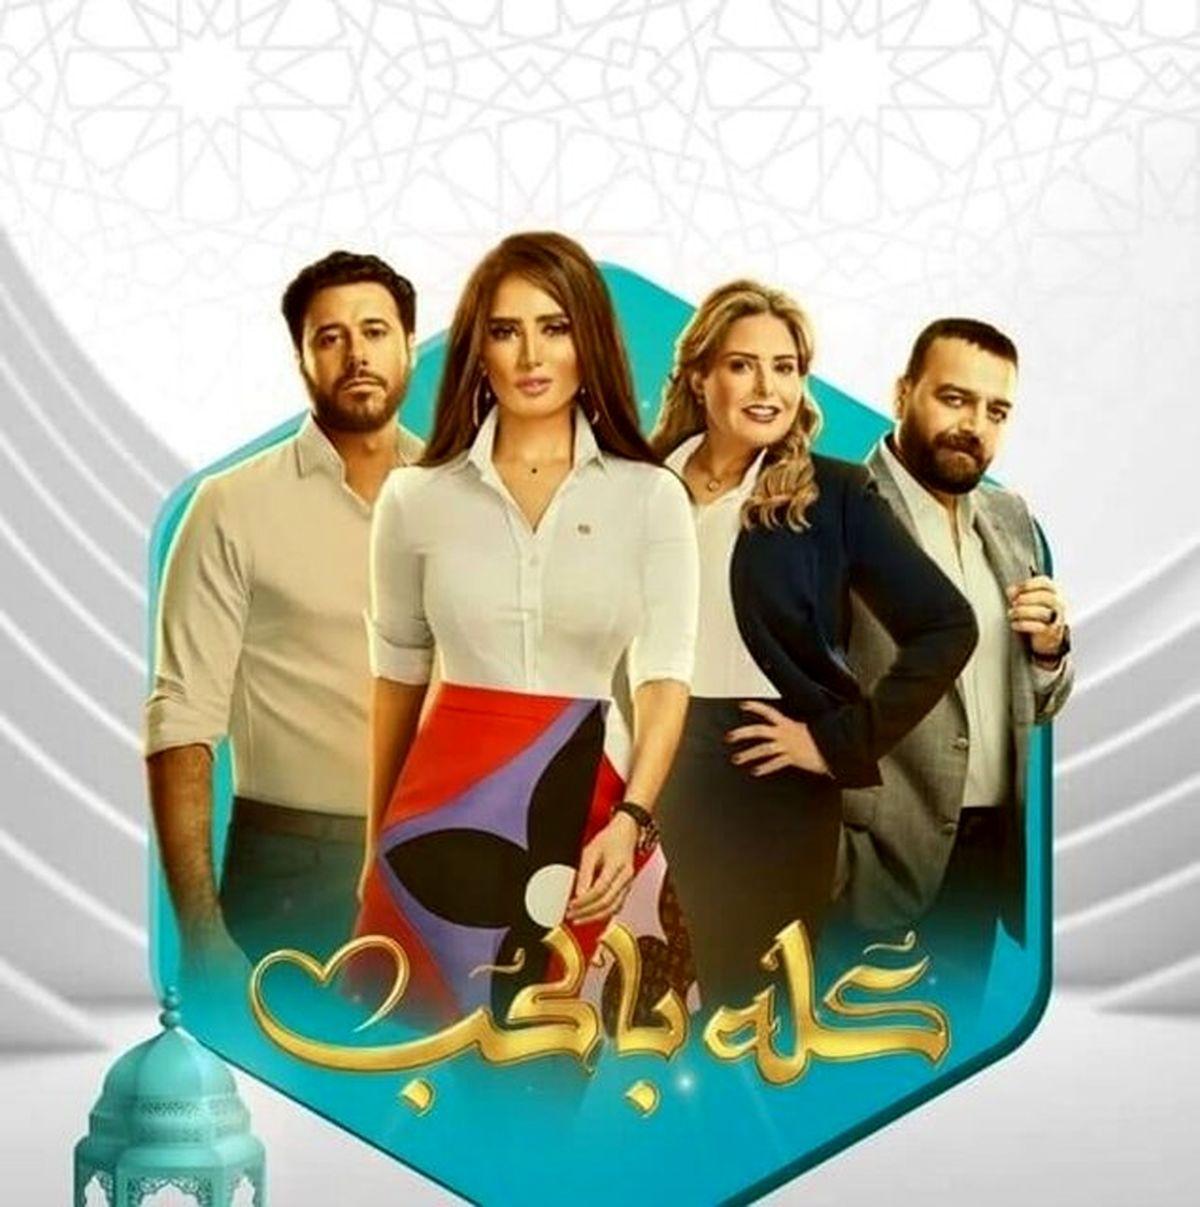 بازیگر سریال ماه رمضان: این سریال مسخره است!